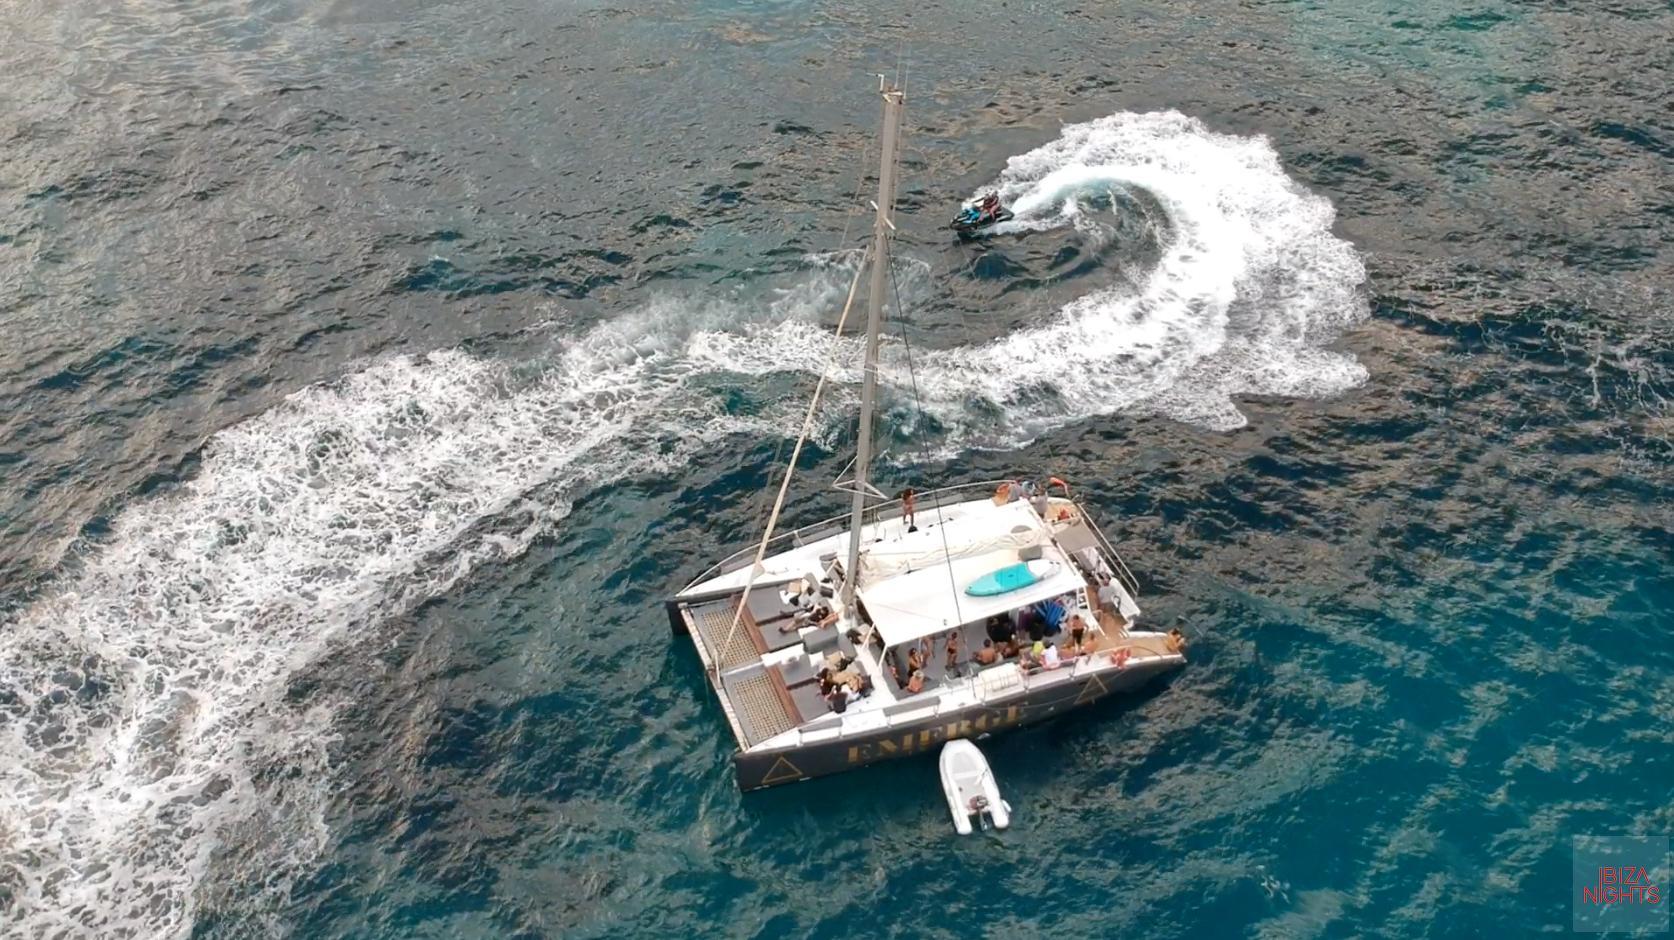 Vista aérea del catamarán en el que se celebró la fiesta.